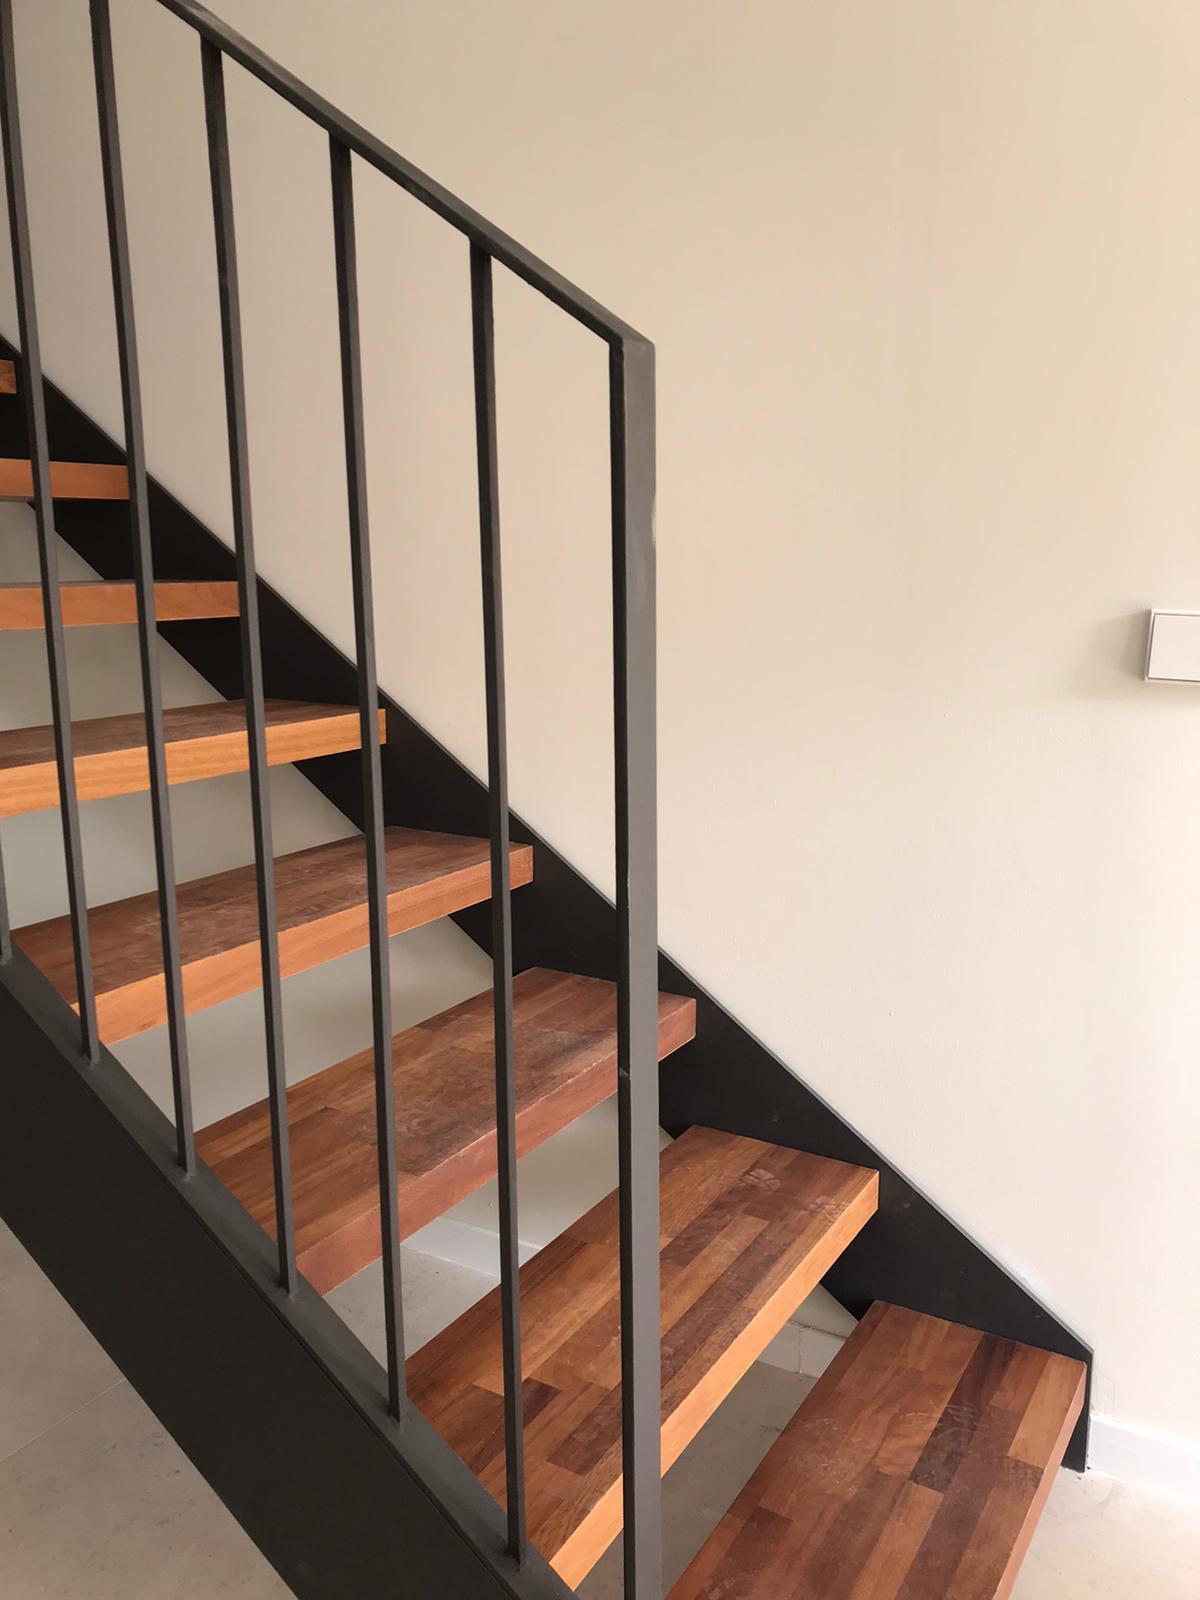 Escalera de hierro con baranda